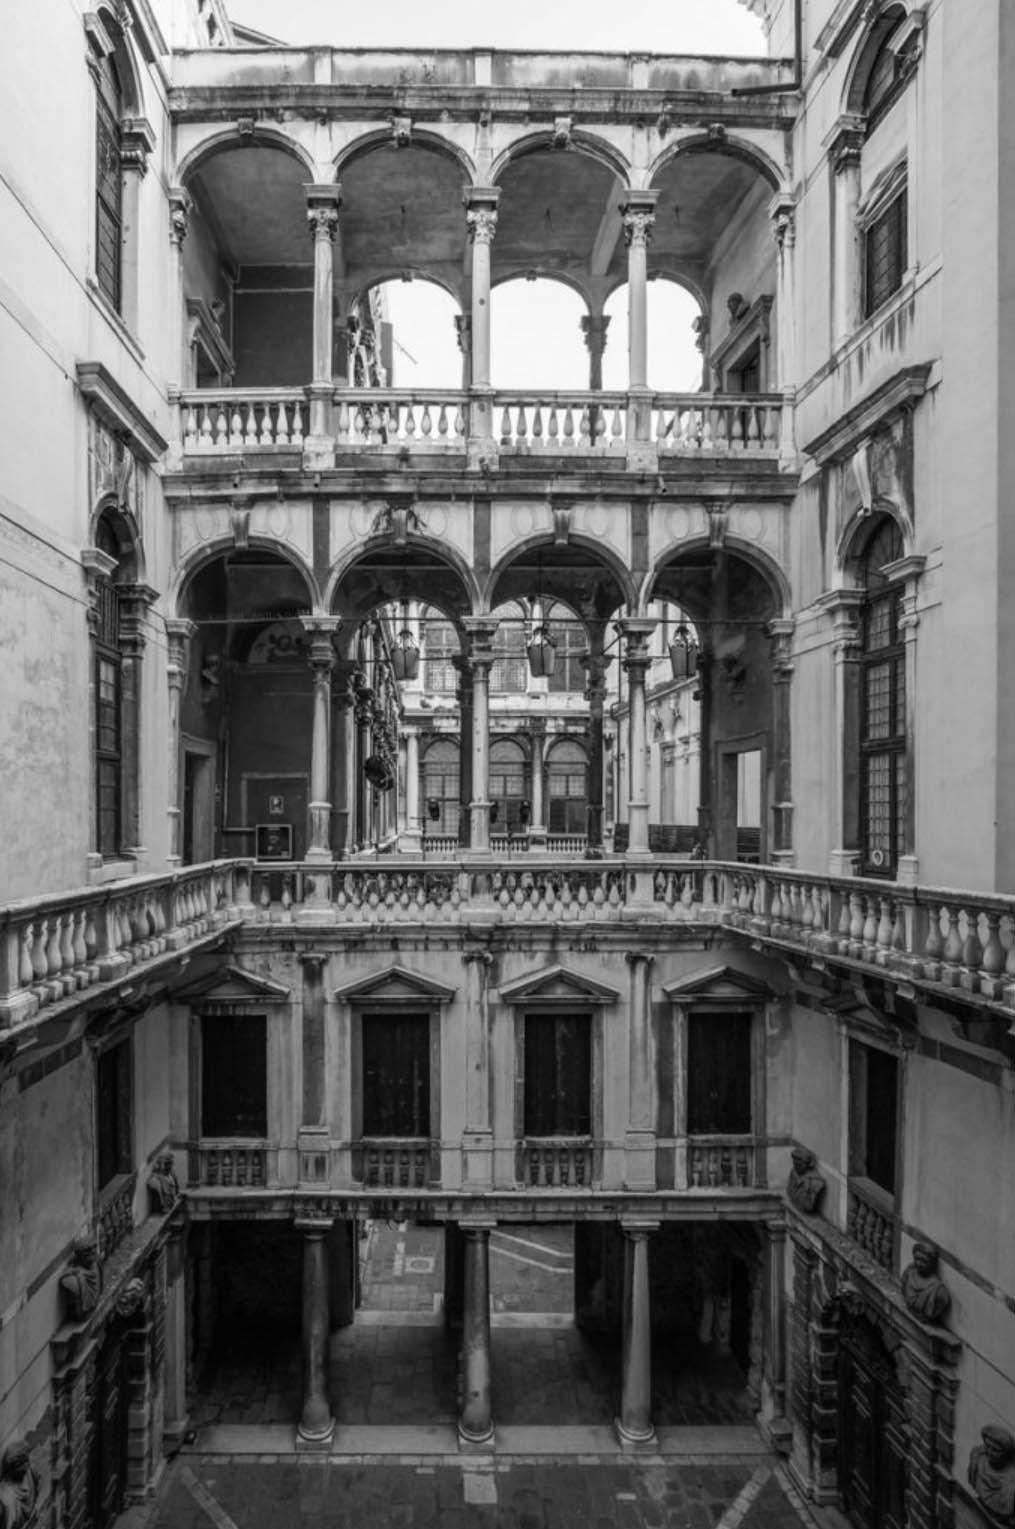 Музикална консерватория на Венеция - Палацо Пизани - частна обиколка във Венеция